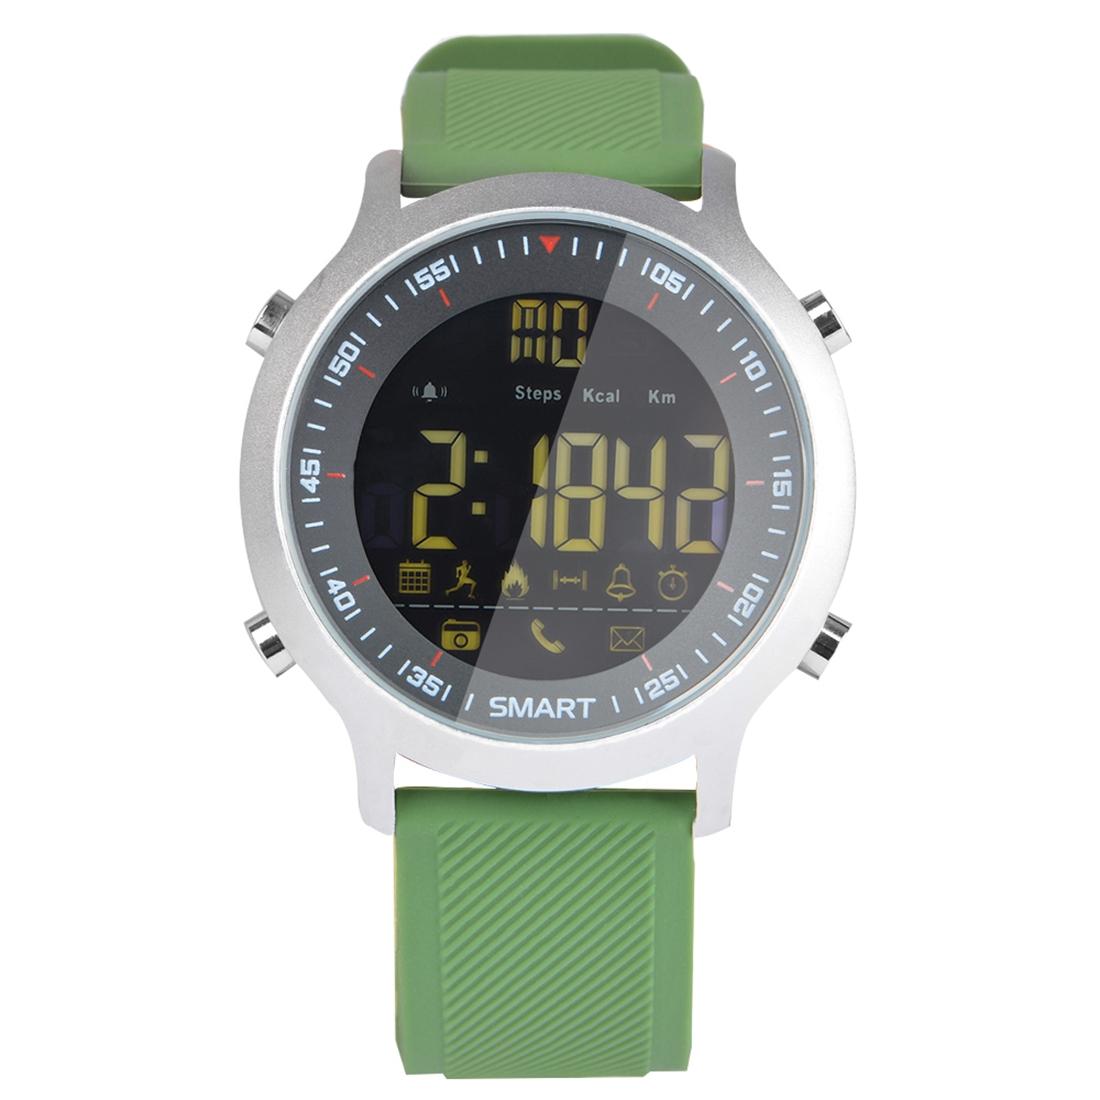 Xiaomi - EX18C Inteligentní sportovní hodinky FSTN obrazovka s plným náhledem, zelená